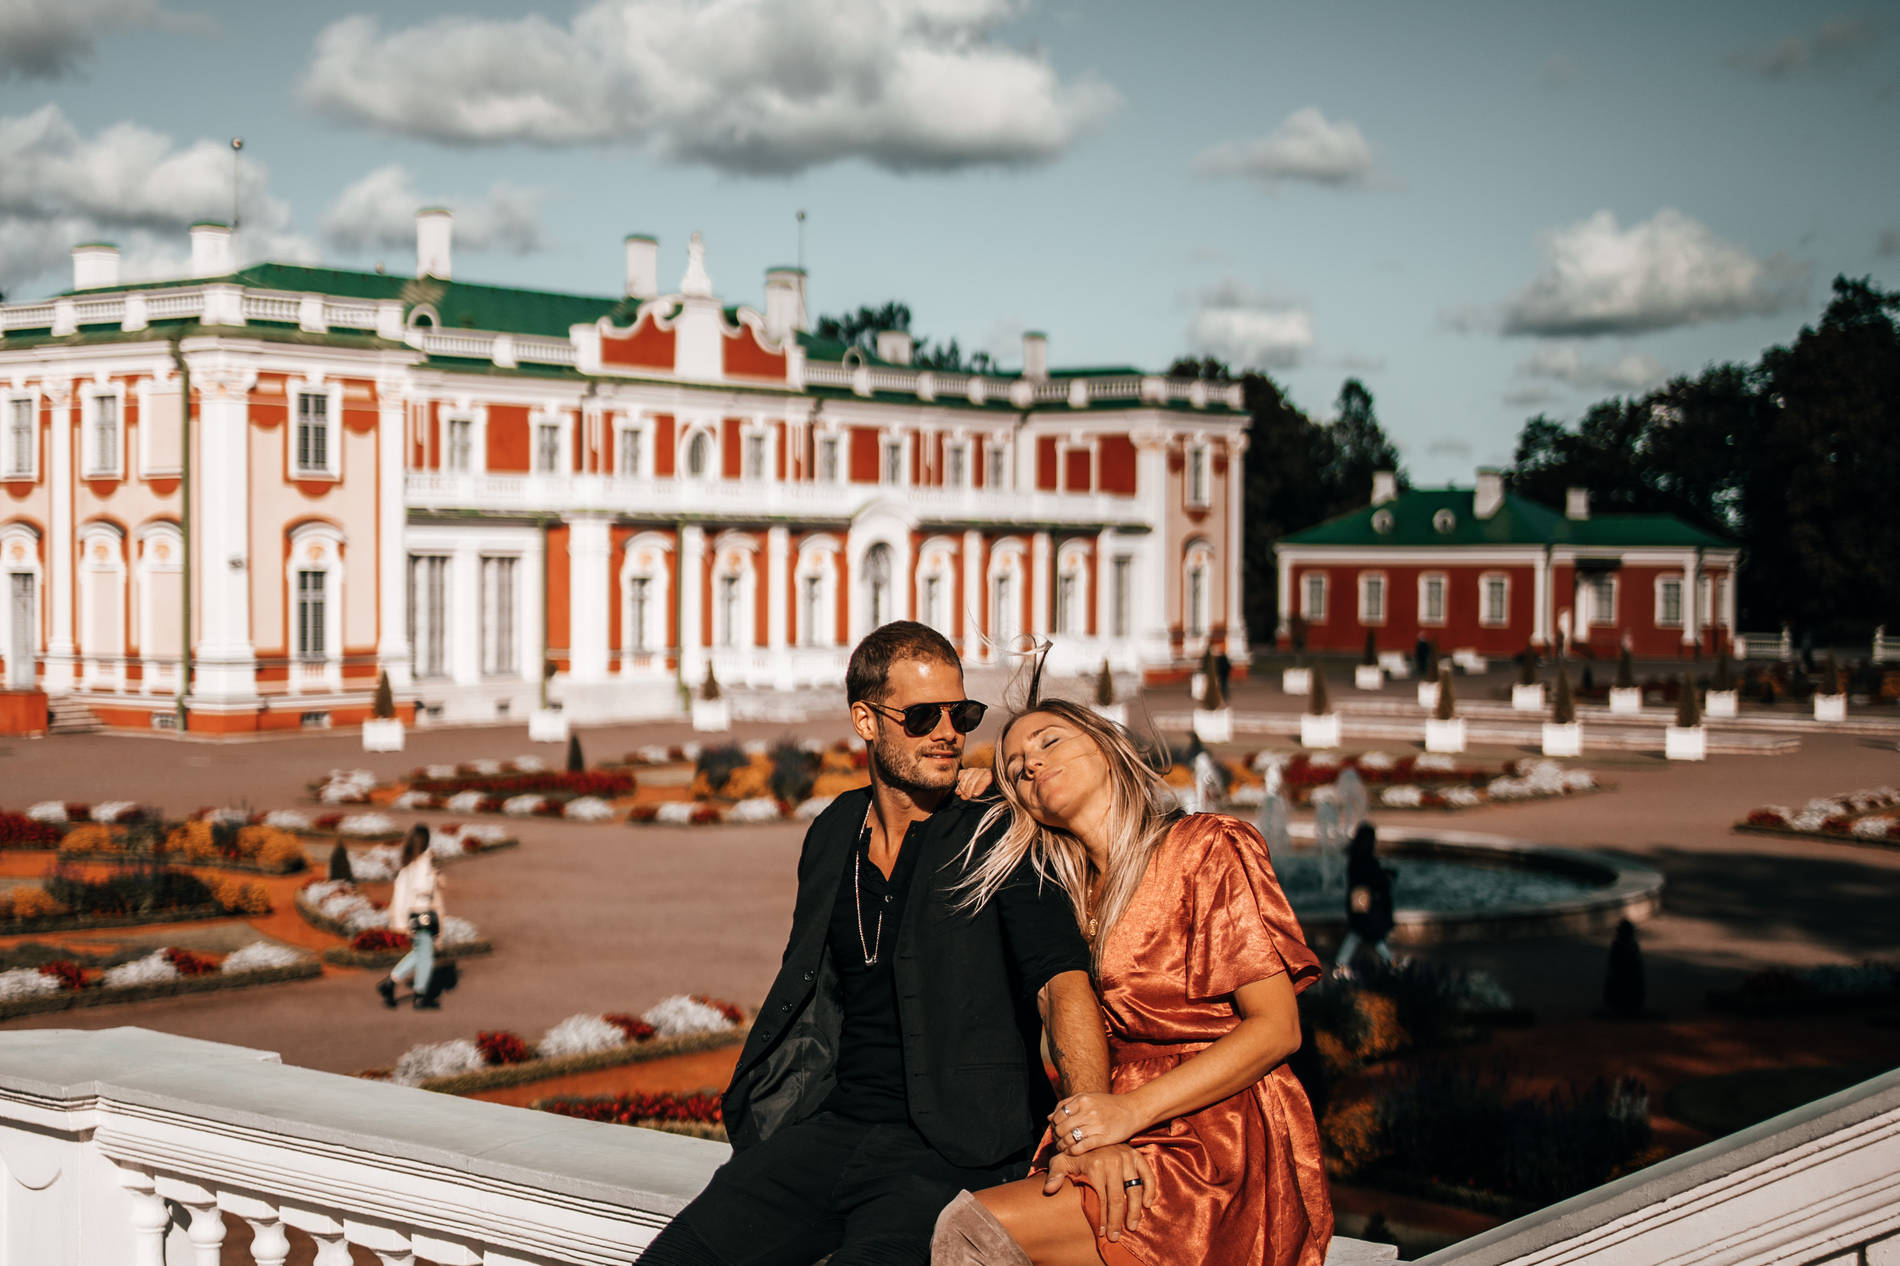 Mees ja naine Kadrioru lossiaias, Tallinnas